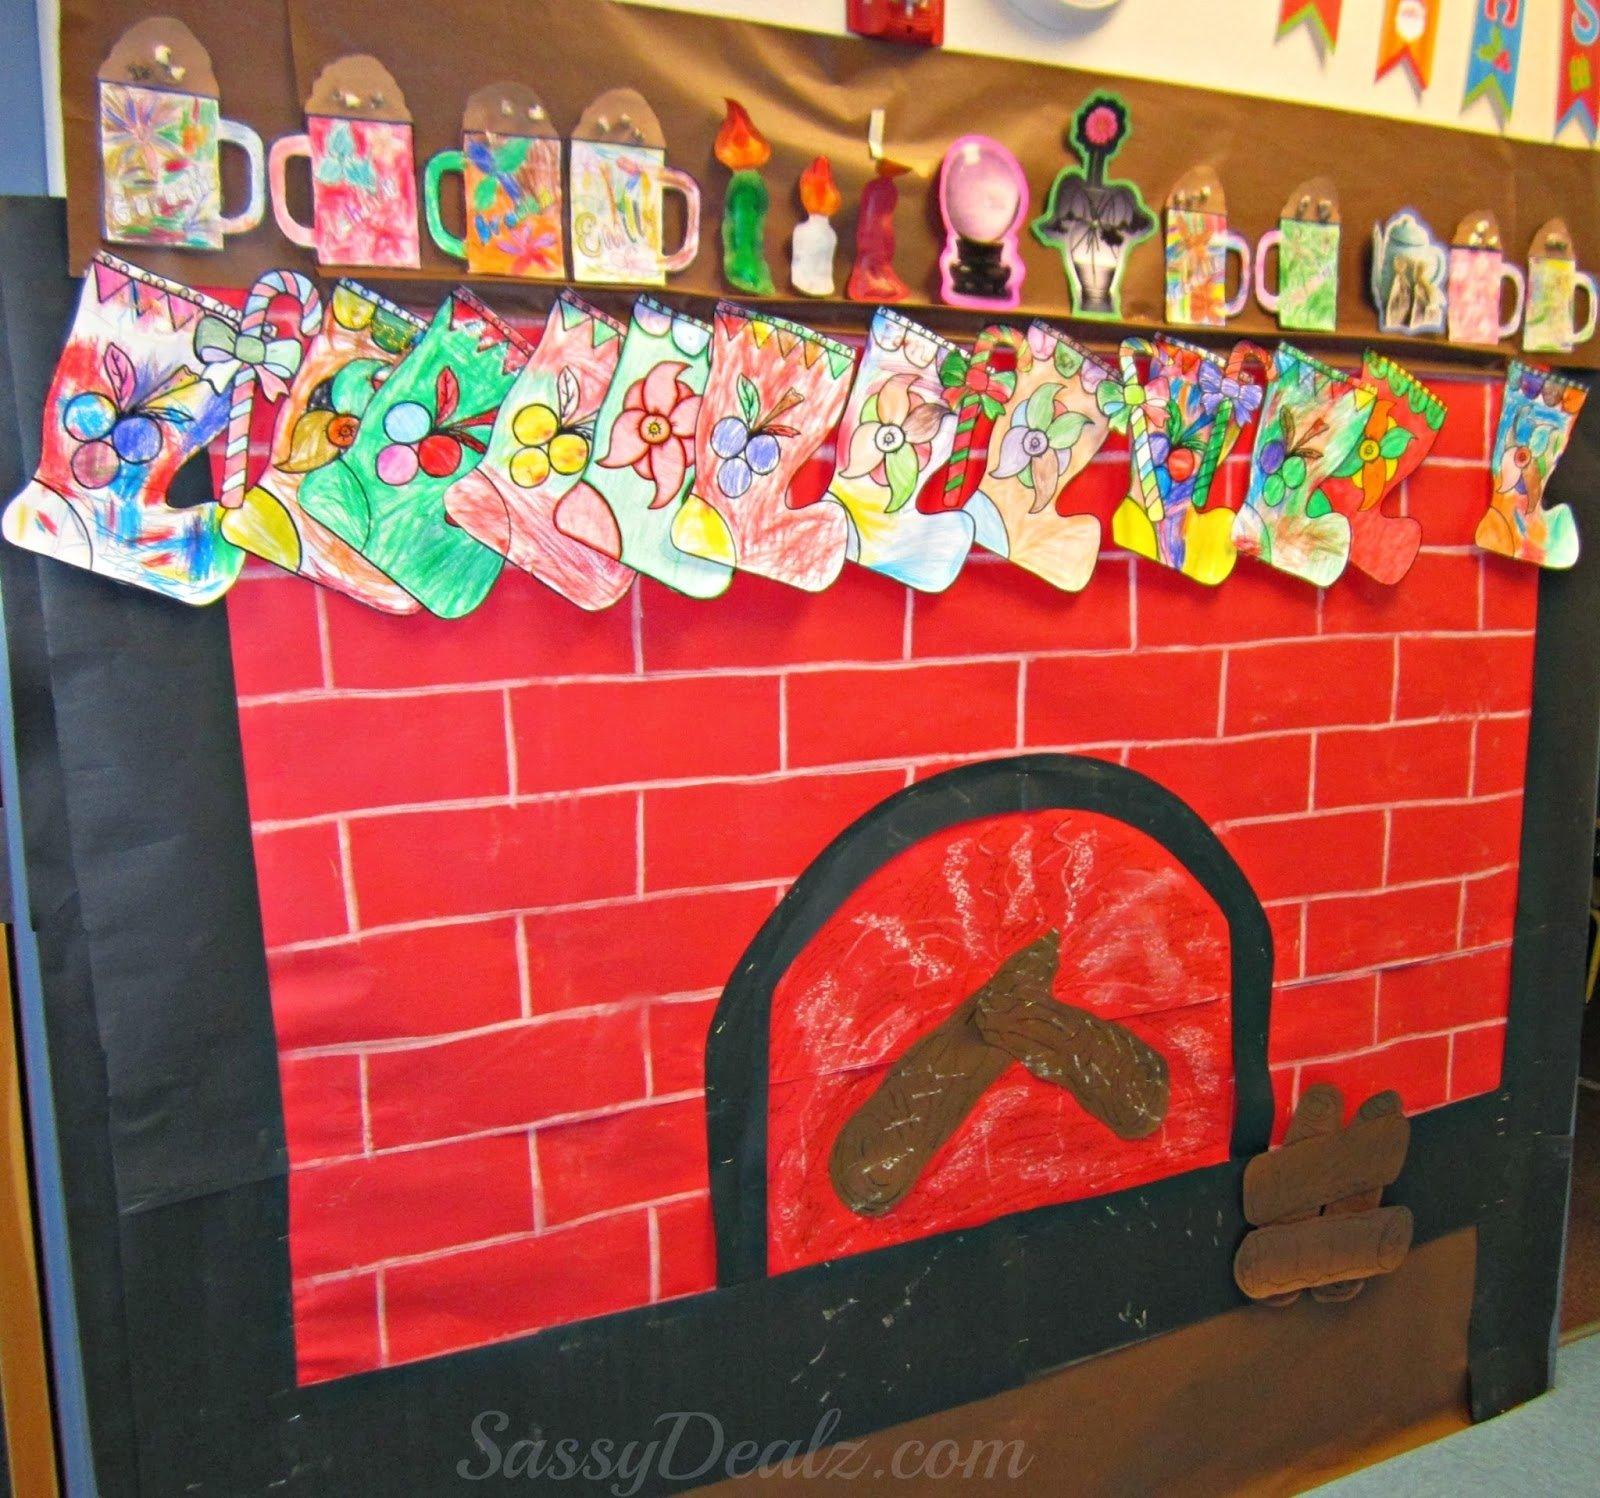 10 Lovable Christmas Bulletin Board Ideas For Teachers fireplace christmas bulletin board idea for your classroom crafty 2020